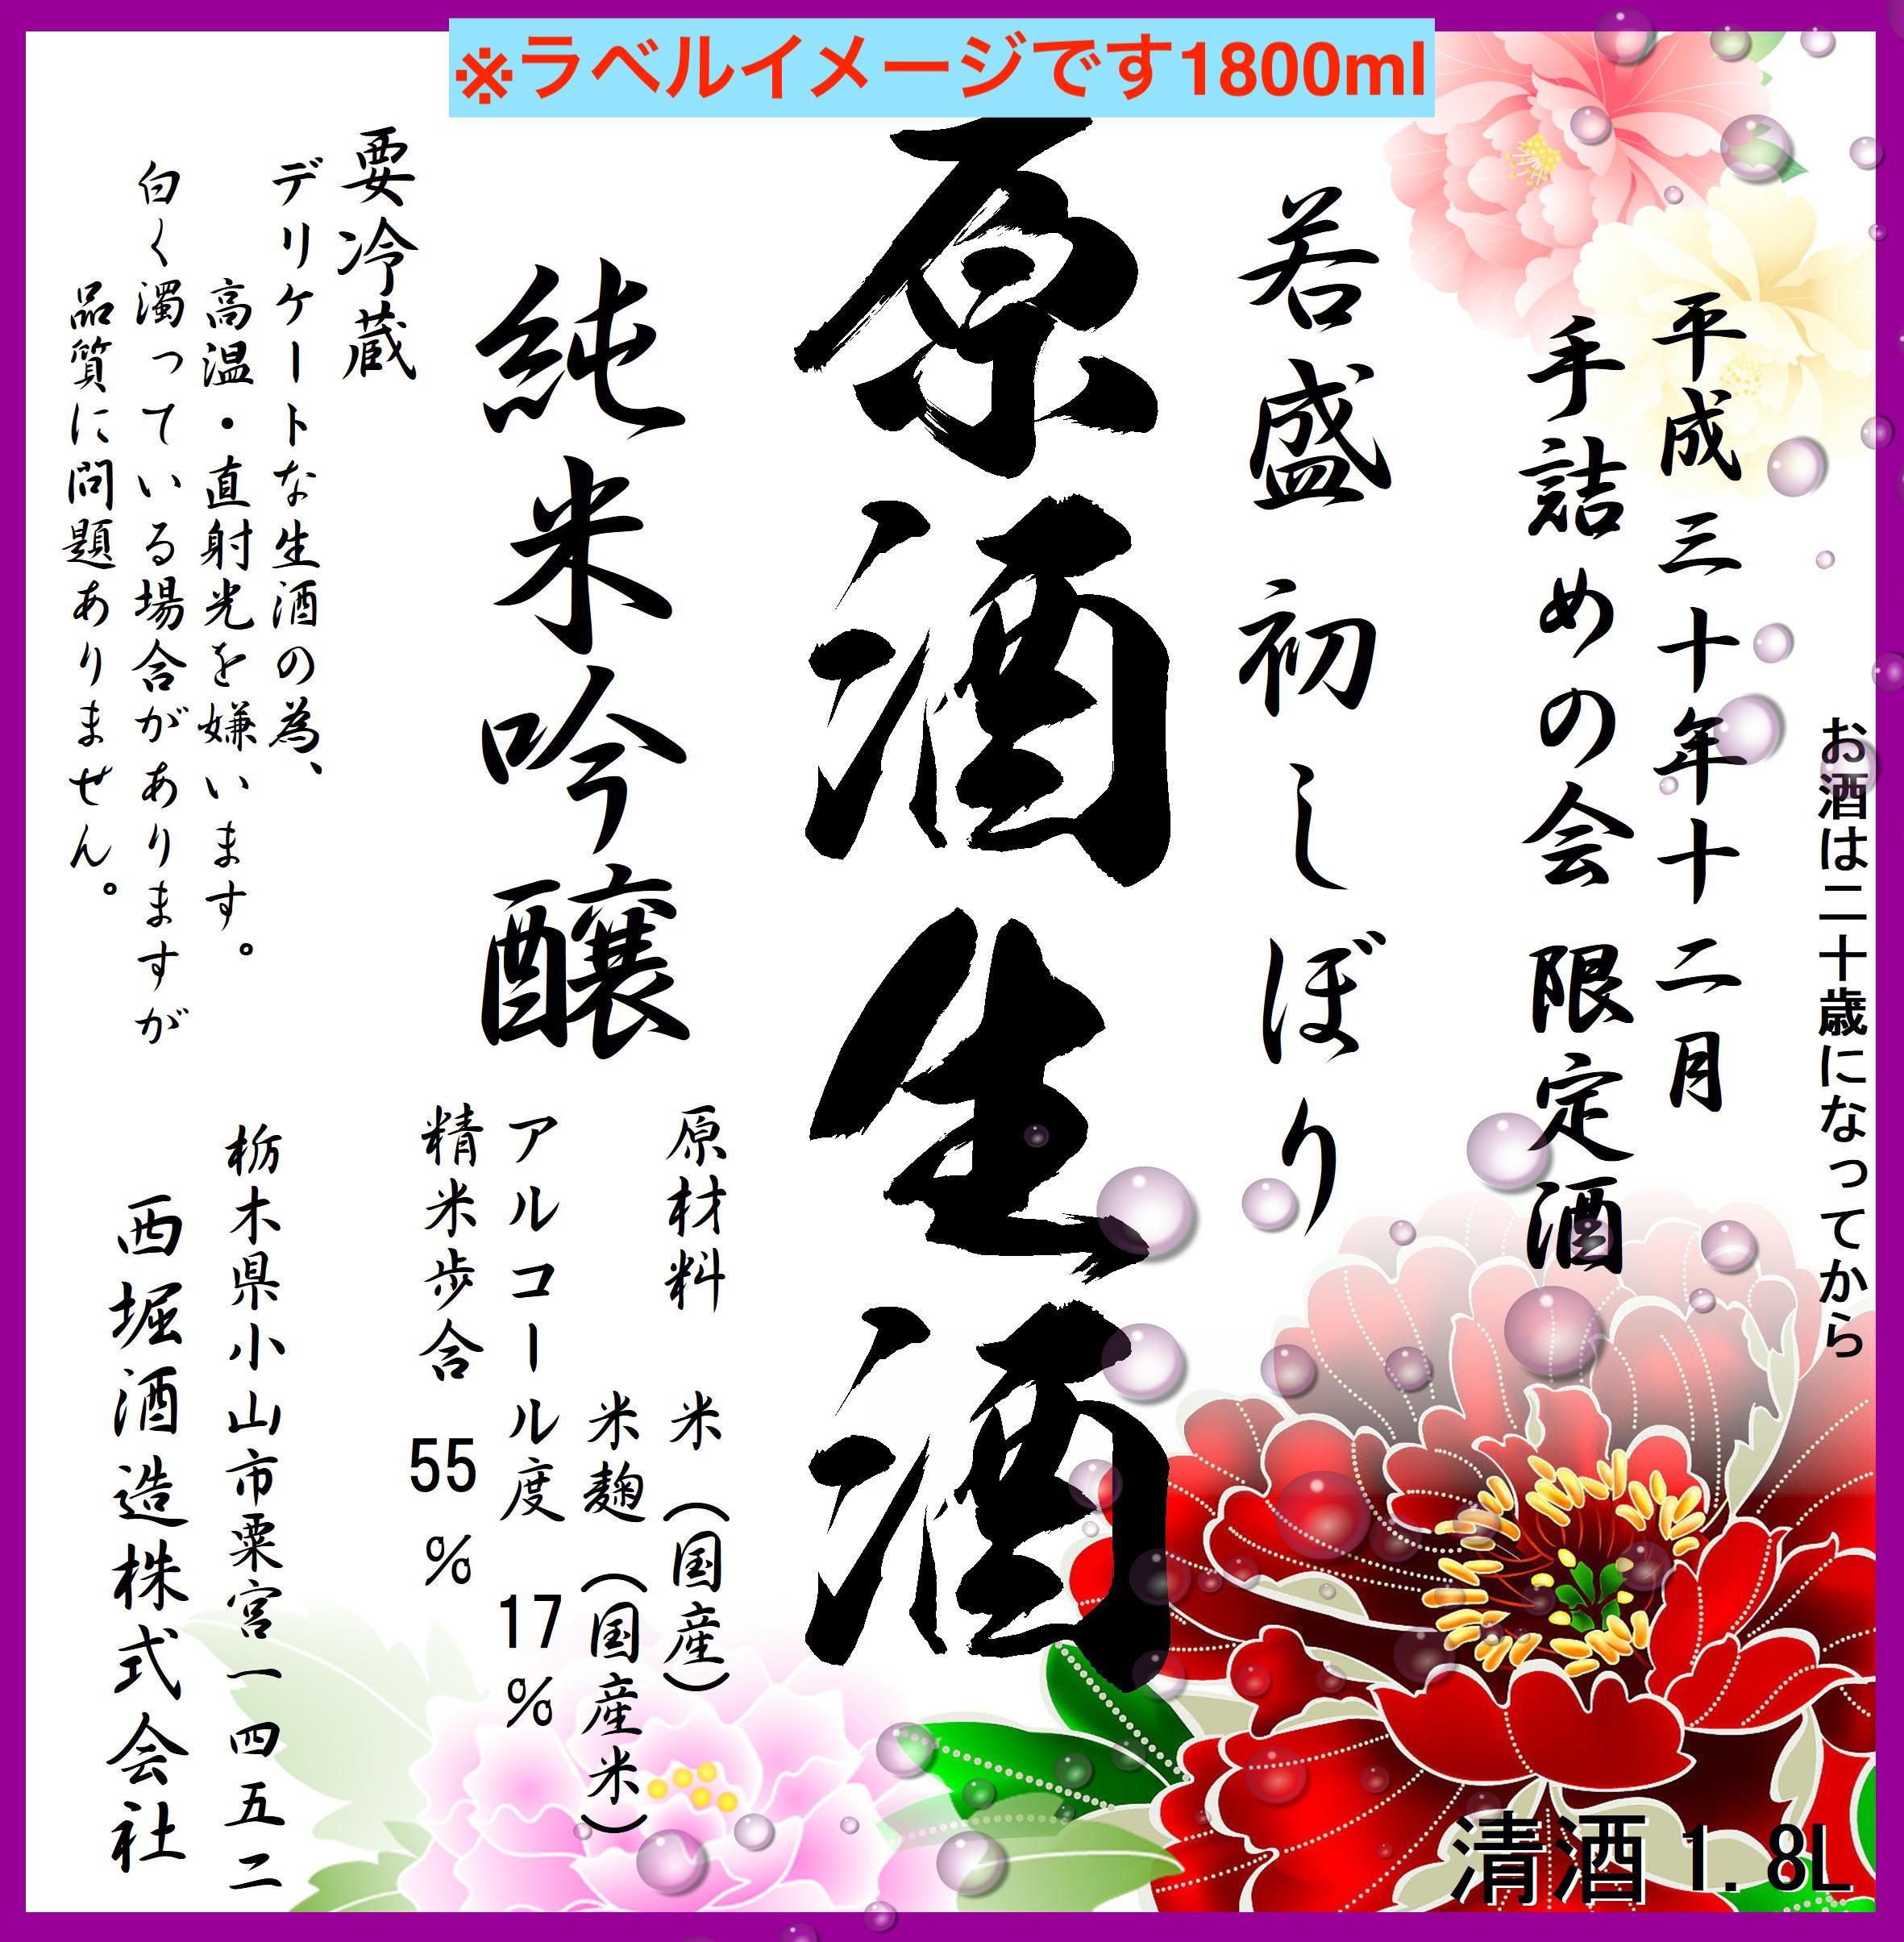 hatsushibori-20191221-1800